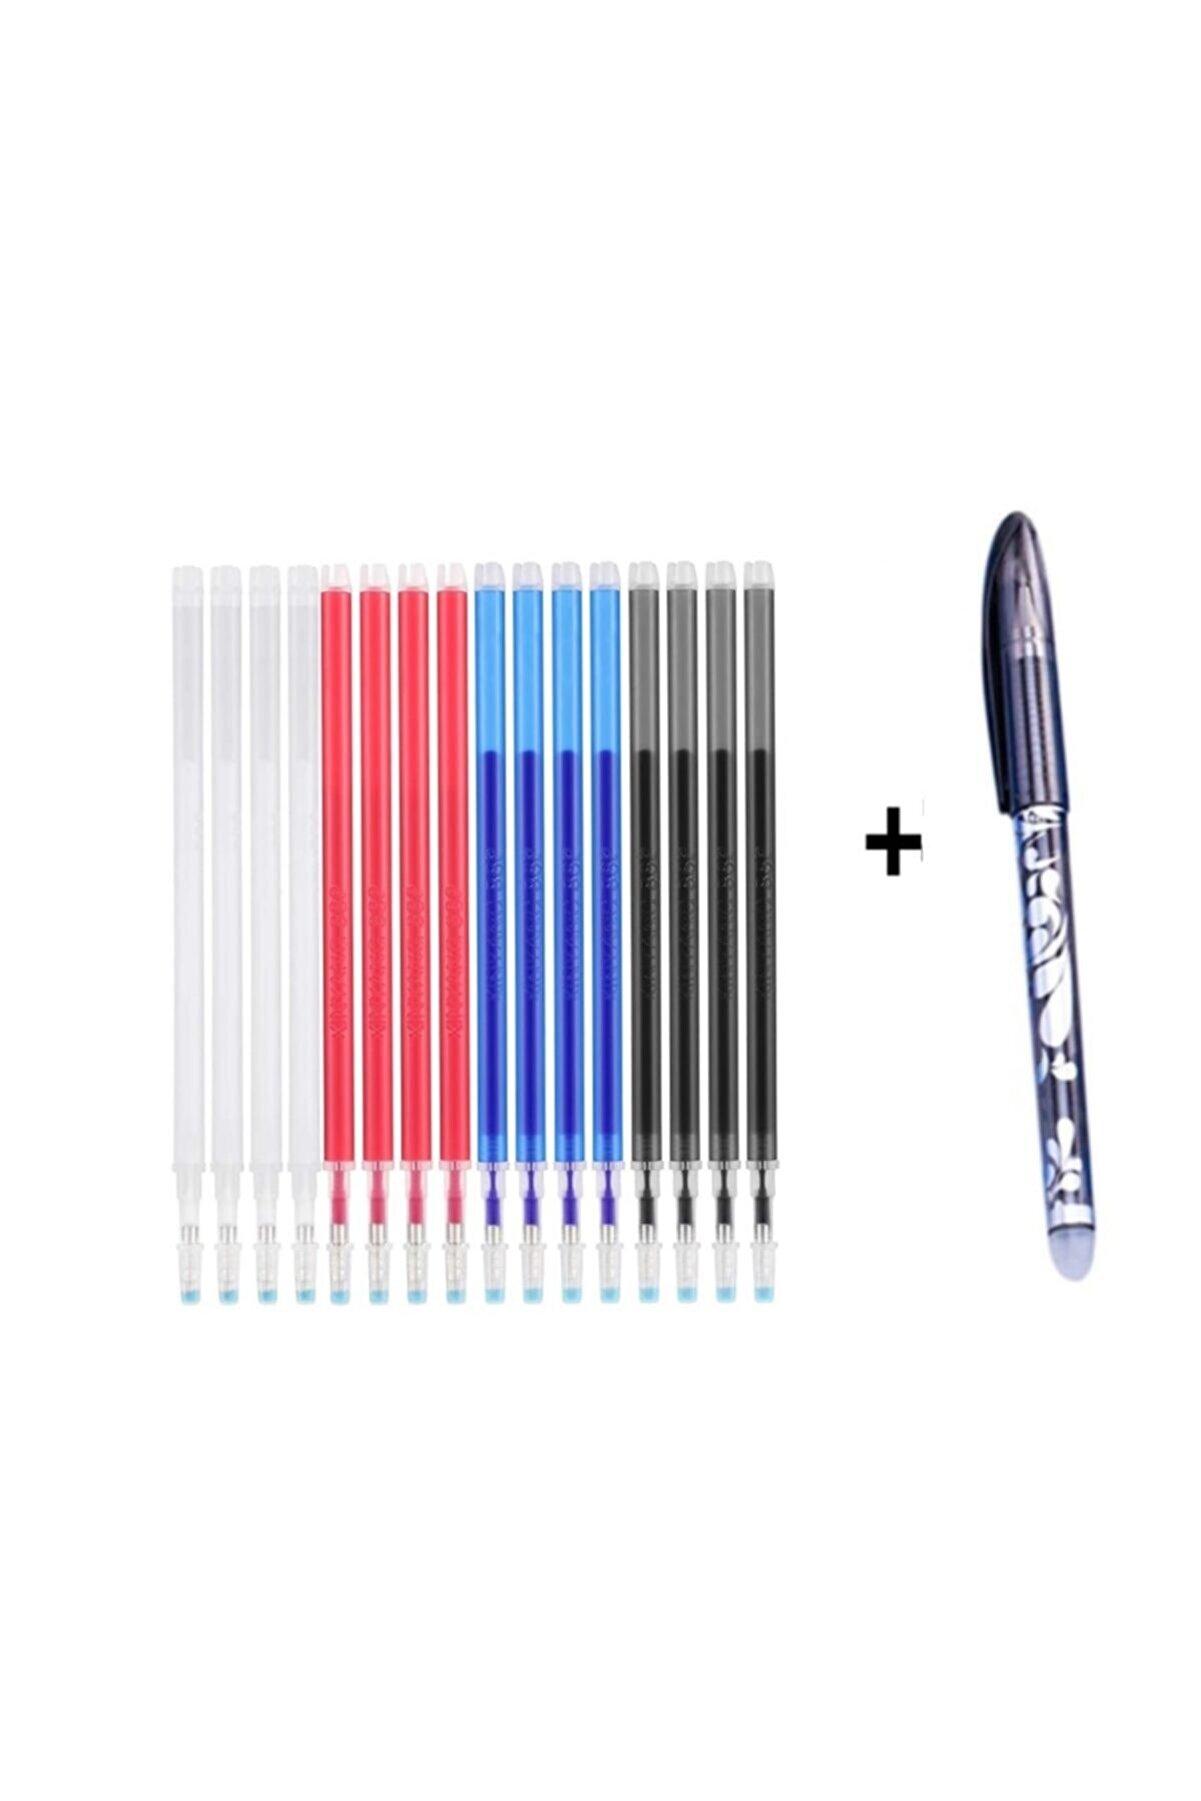 armex Isı Ve Ütu Ile Uçan 16 Adet Kalem Içi 4 Renk Kalem Ucu 1. Mm